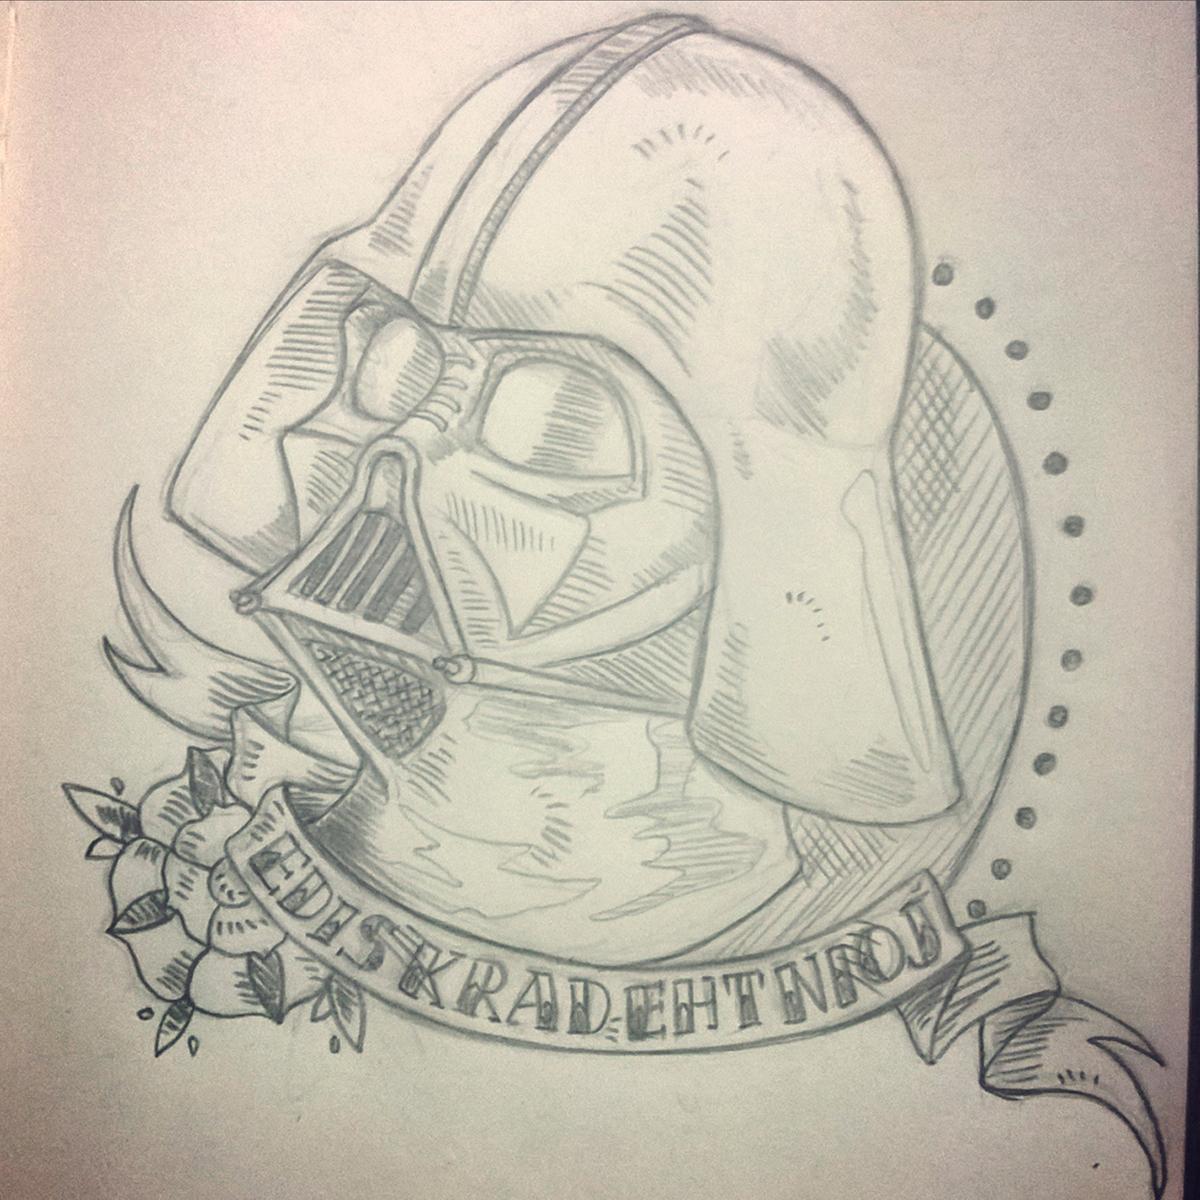 darth vader star wars Fan Art Dark side traditional tattoo idea digital art